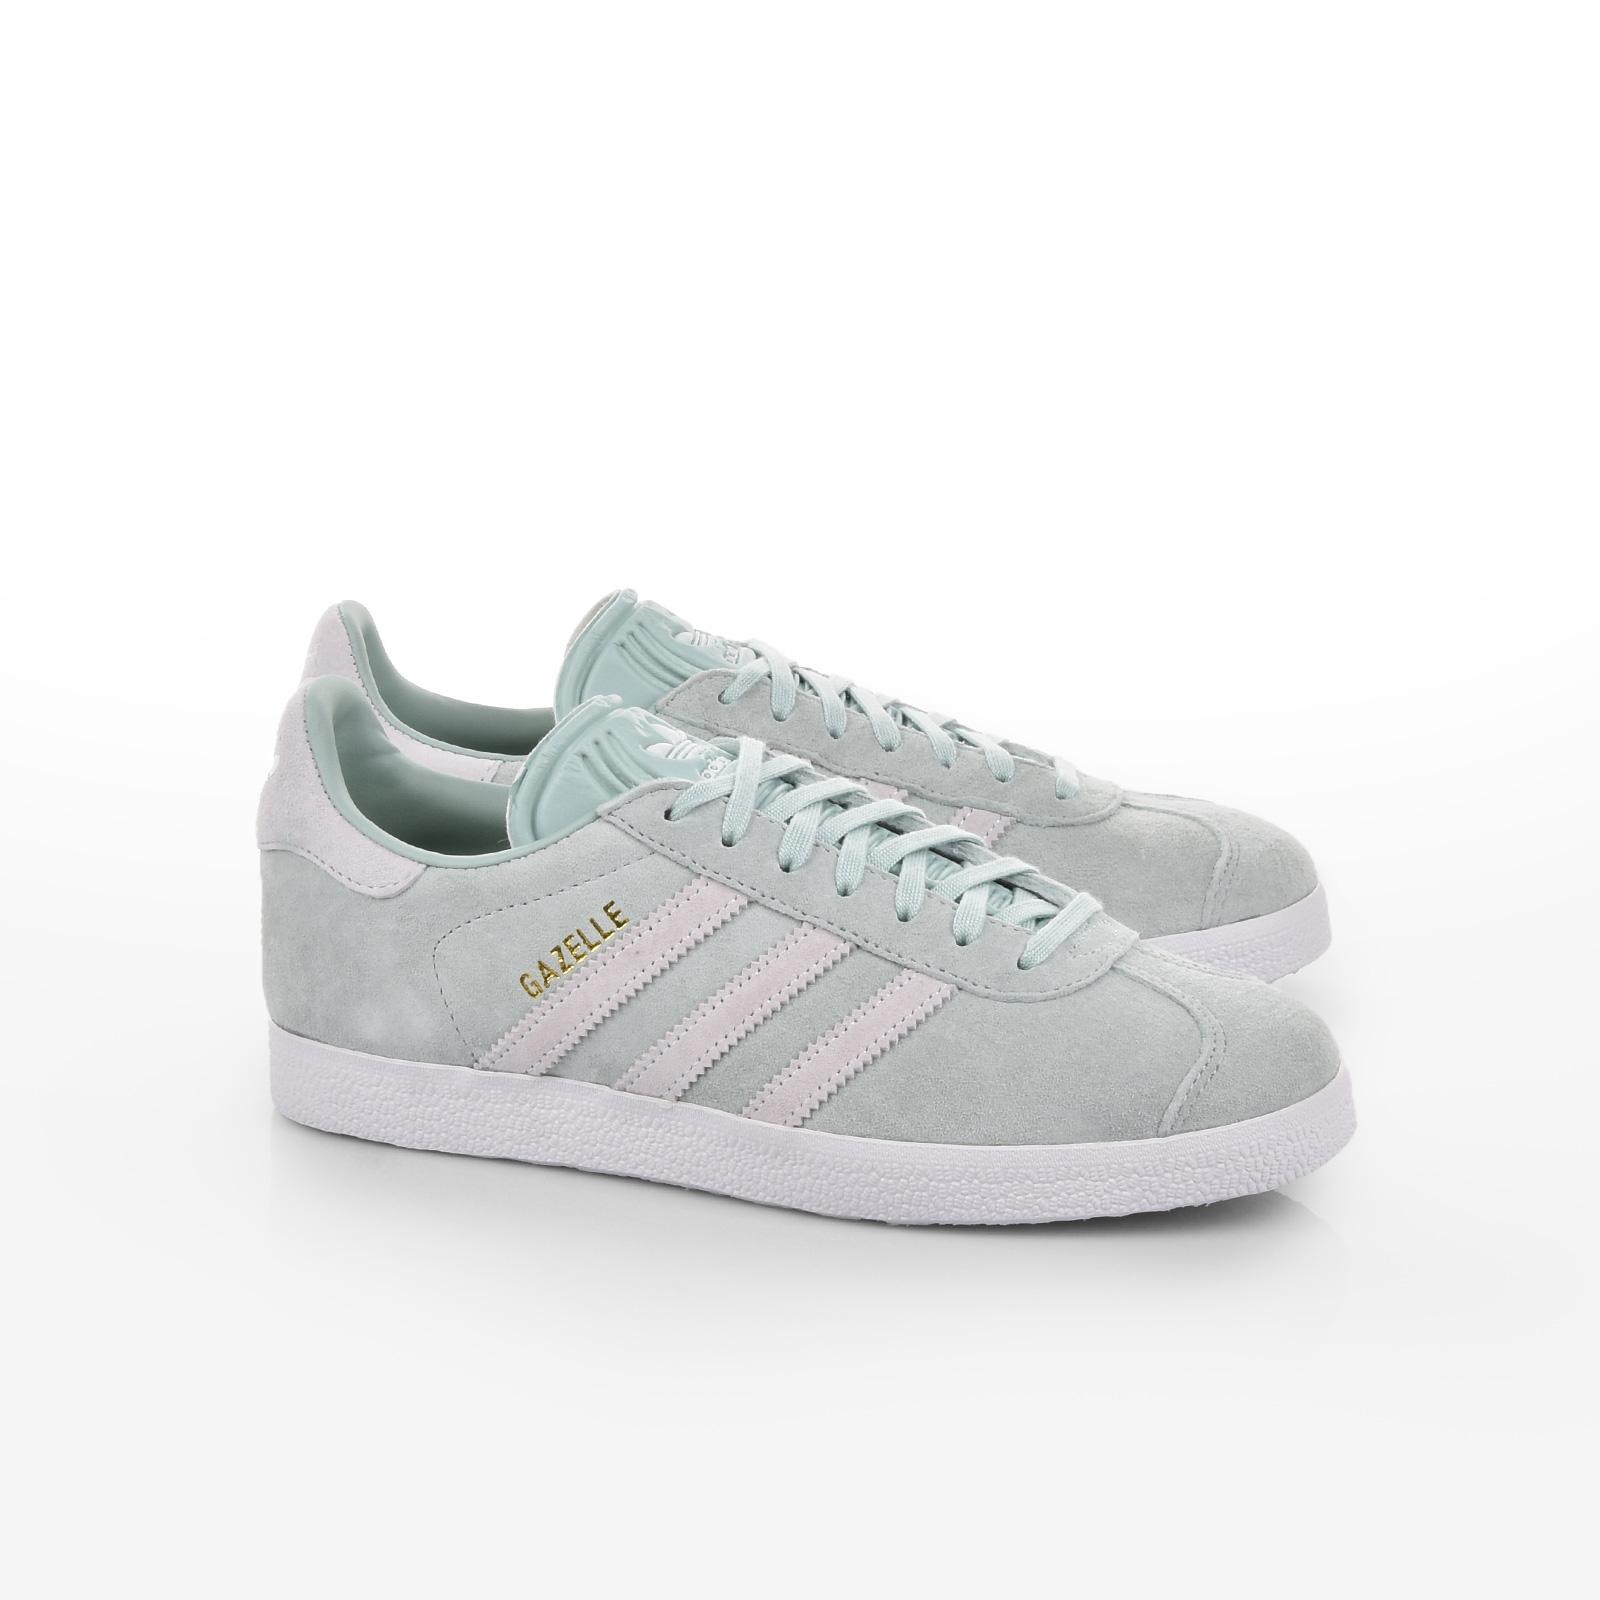 buy popular c2f0d 2cfd4 Γυναικεία παπούτσια adidas Originals - GAZELLE W - ASHGRN FTWWHT BLUTIN    My Lady Shoes